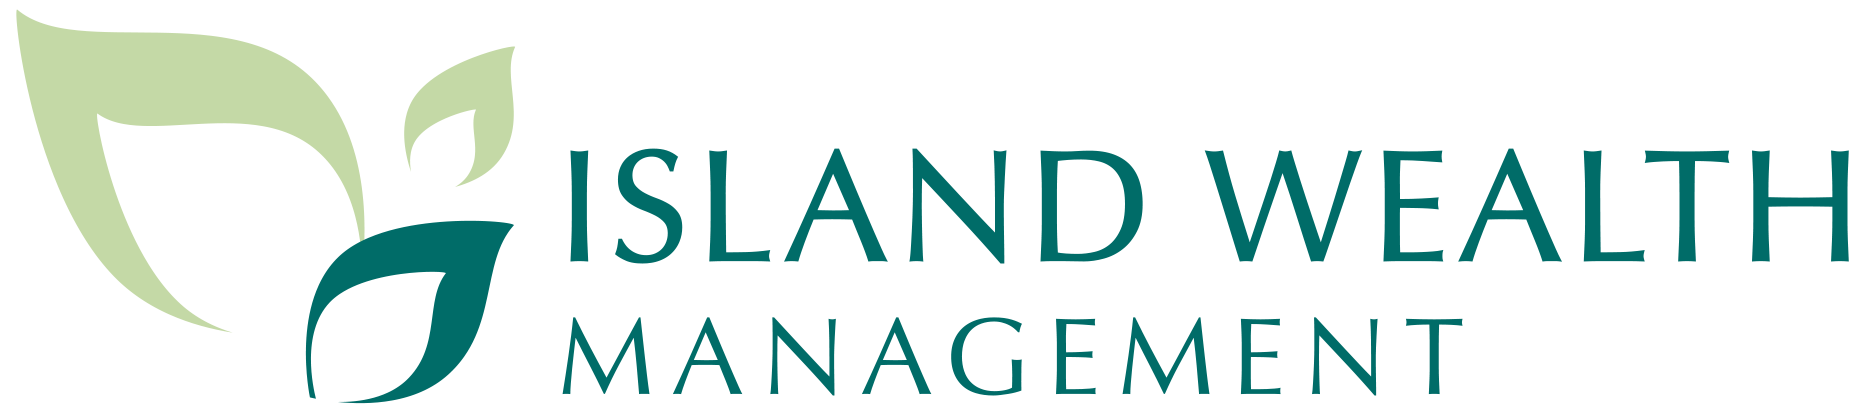 Island Wealth Management - Honolulu, HI